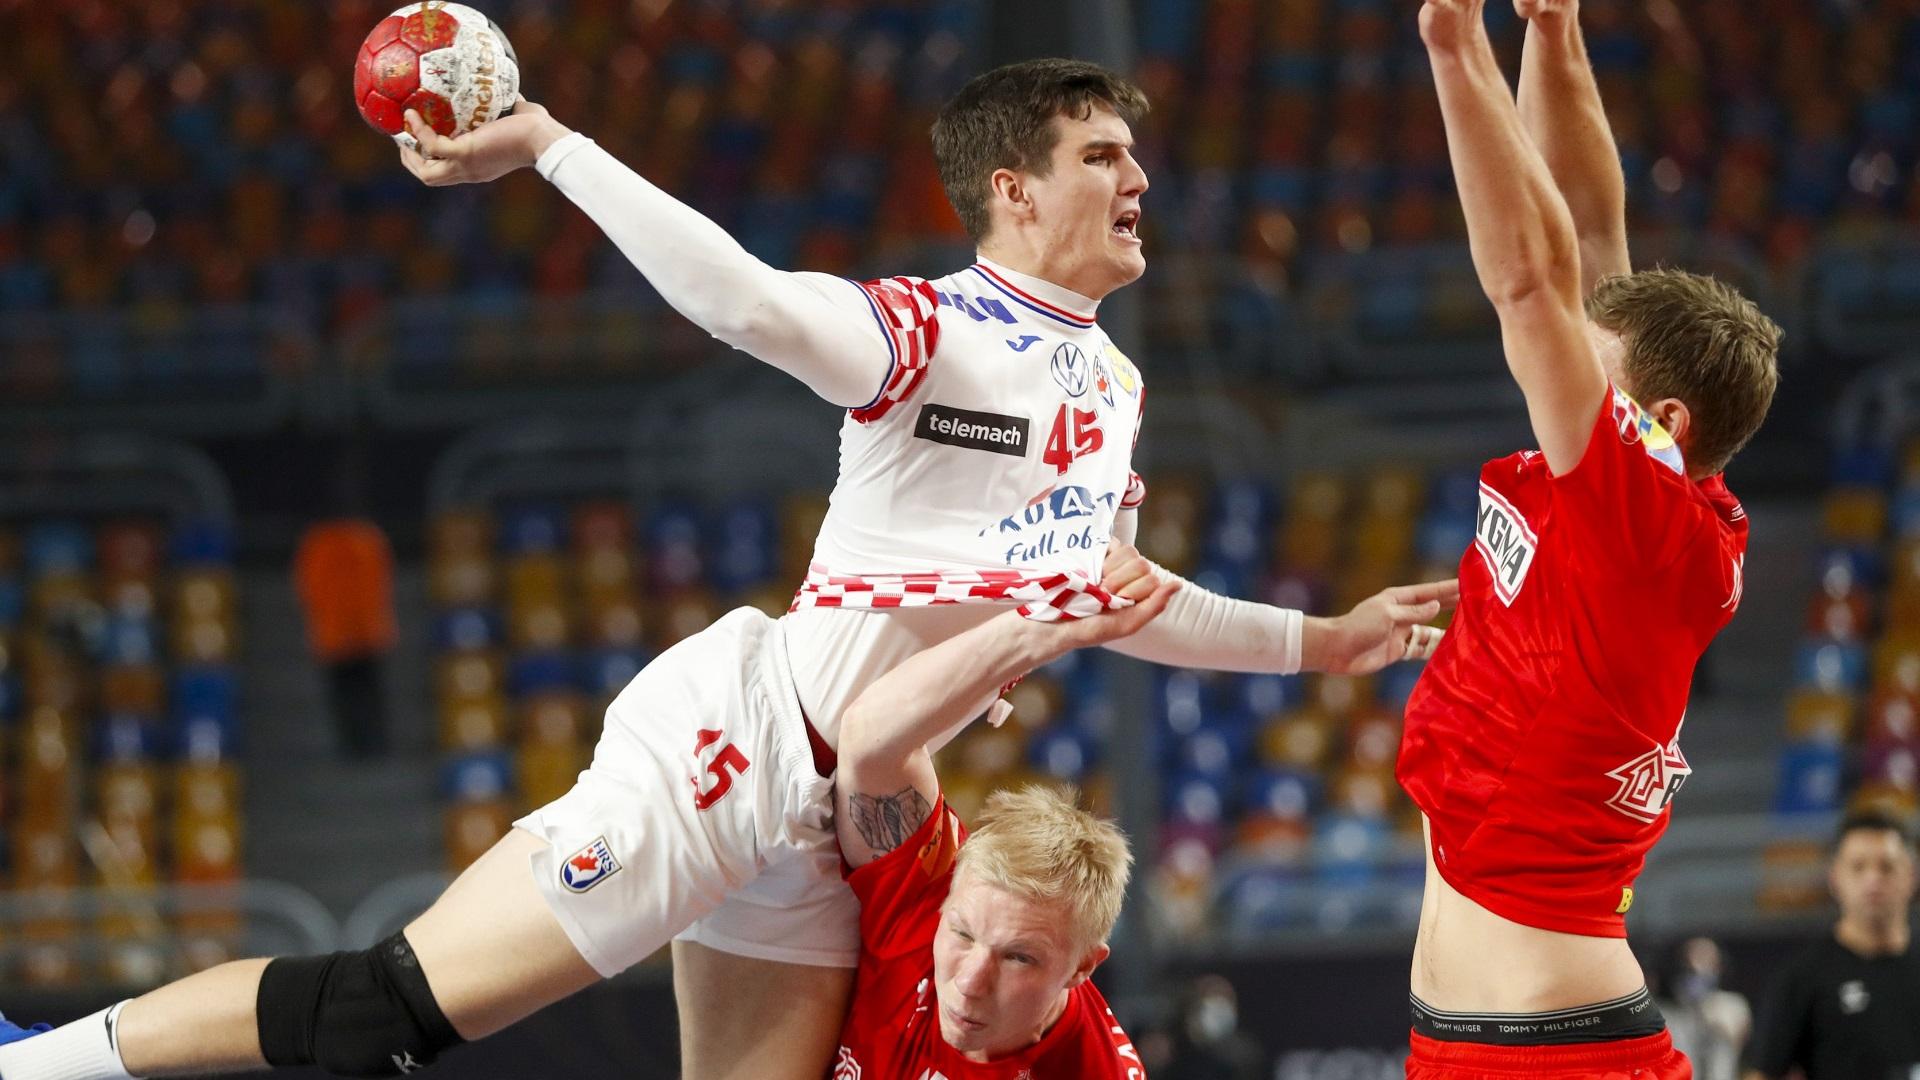 Campeonato del Mundo masculino. 2ª fase: Dinamarca - Croacia